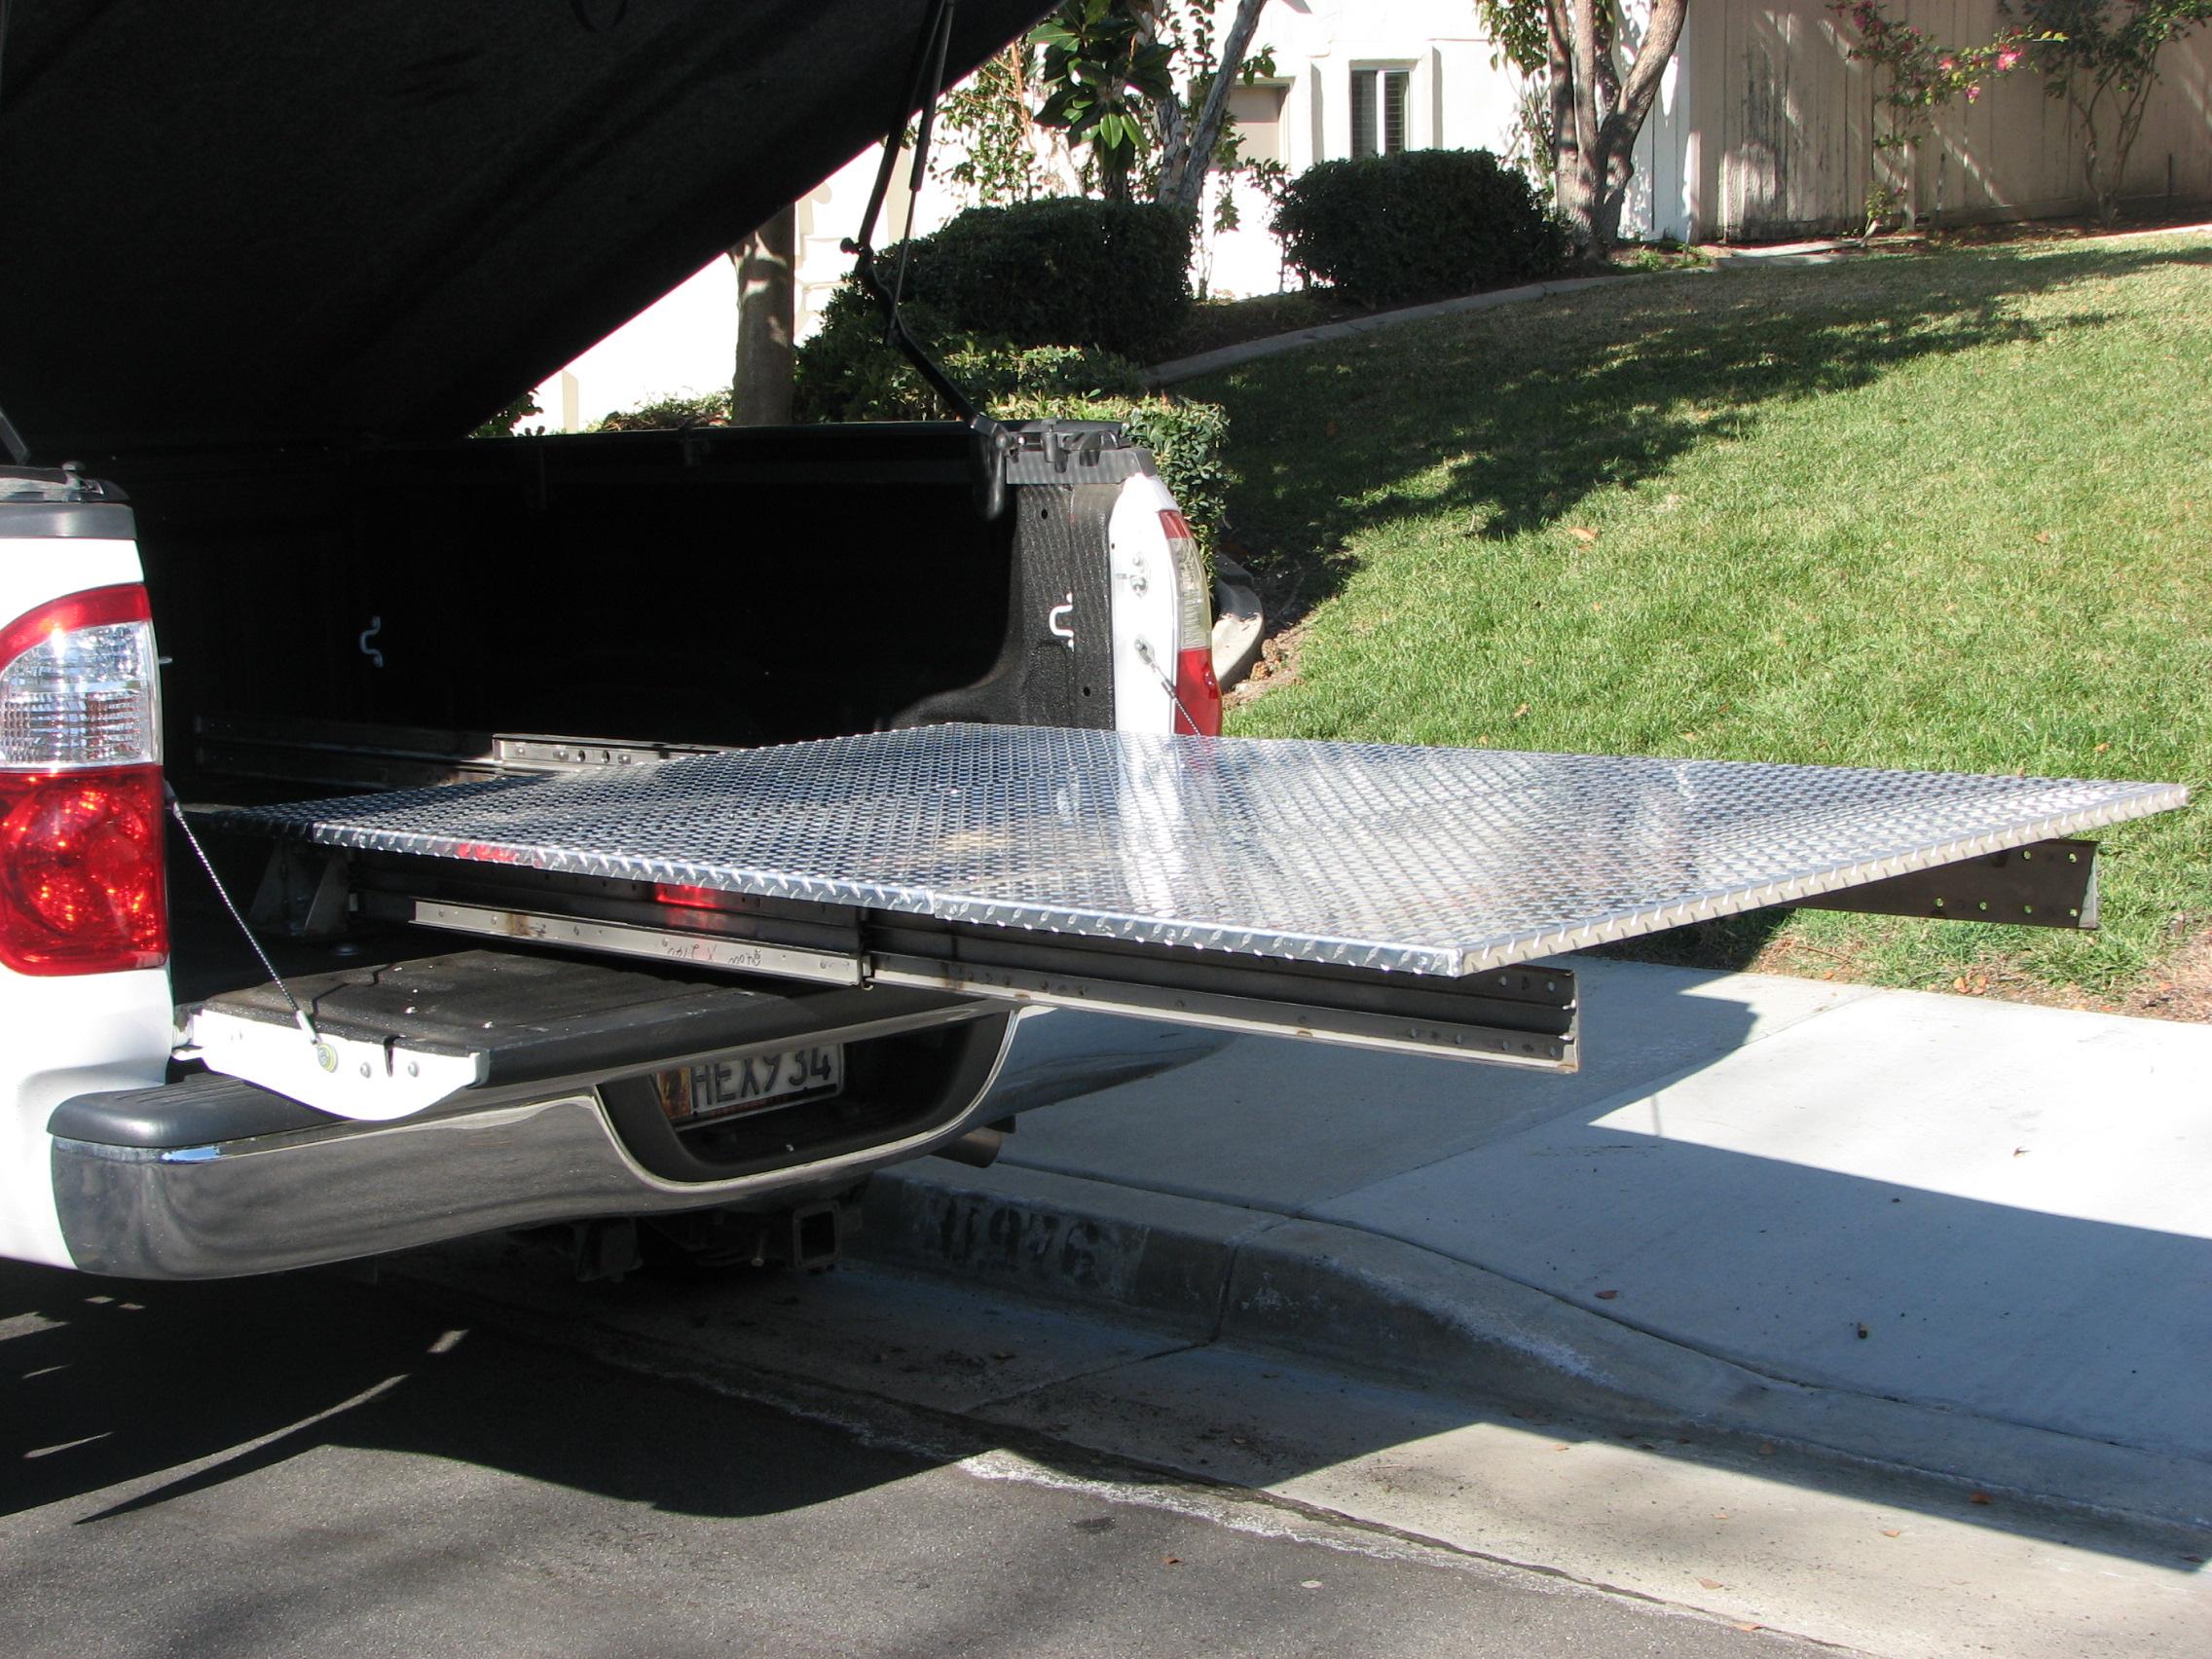 Truck Bed Slide Out Tool Box >> Truck Bed Slide Plans | BED PLANS DIY & BLUEPRINTS